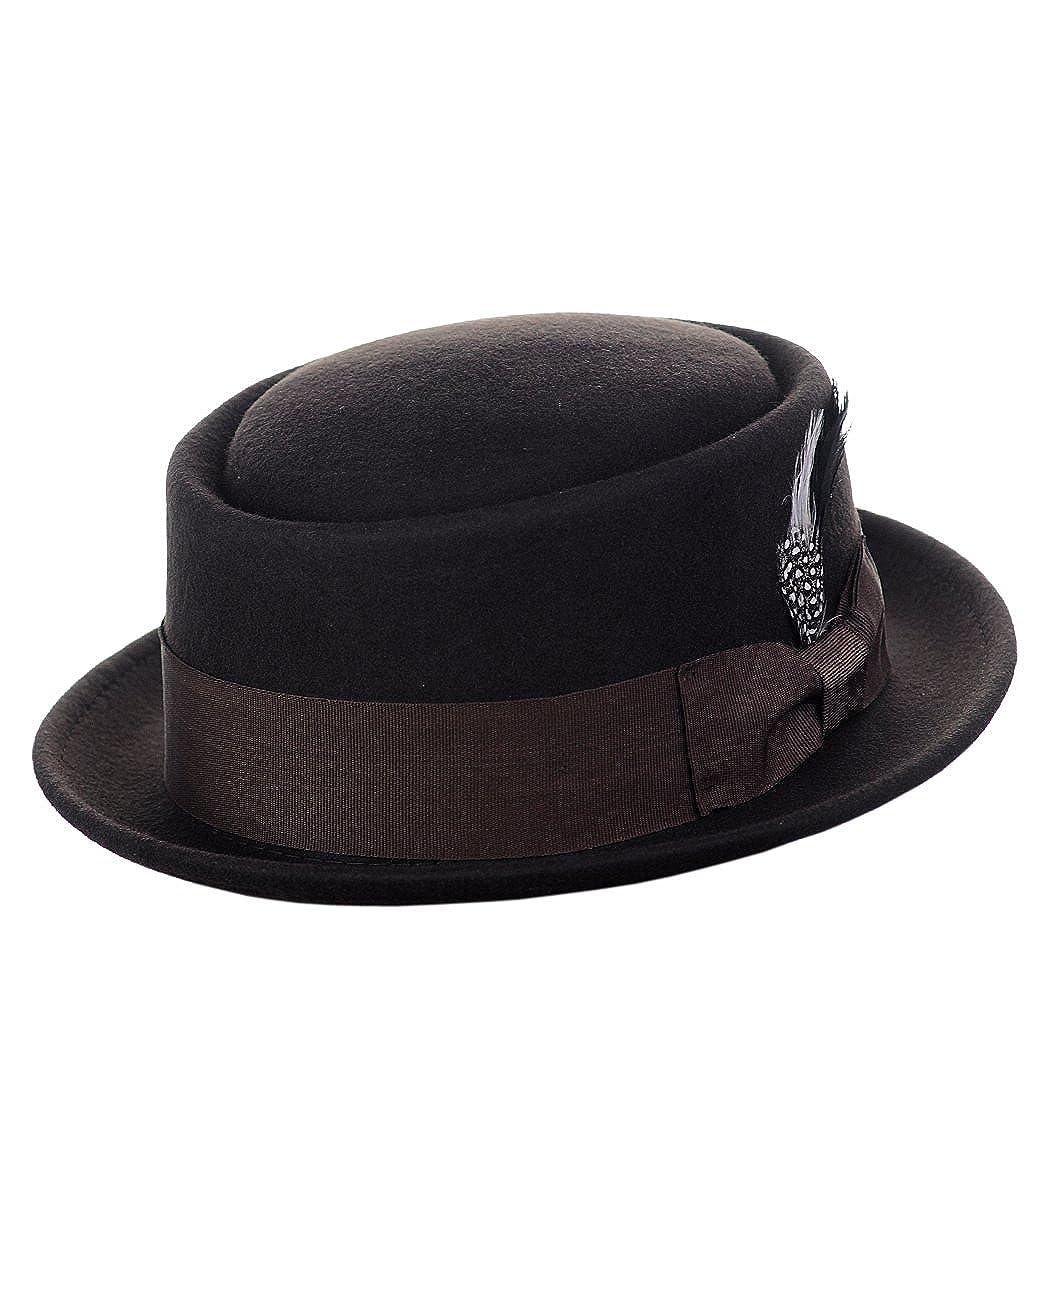 NYFASHION101 Mens Crushable Wool Felt Porkpie Hat w//Feather